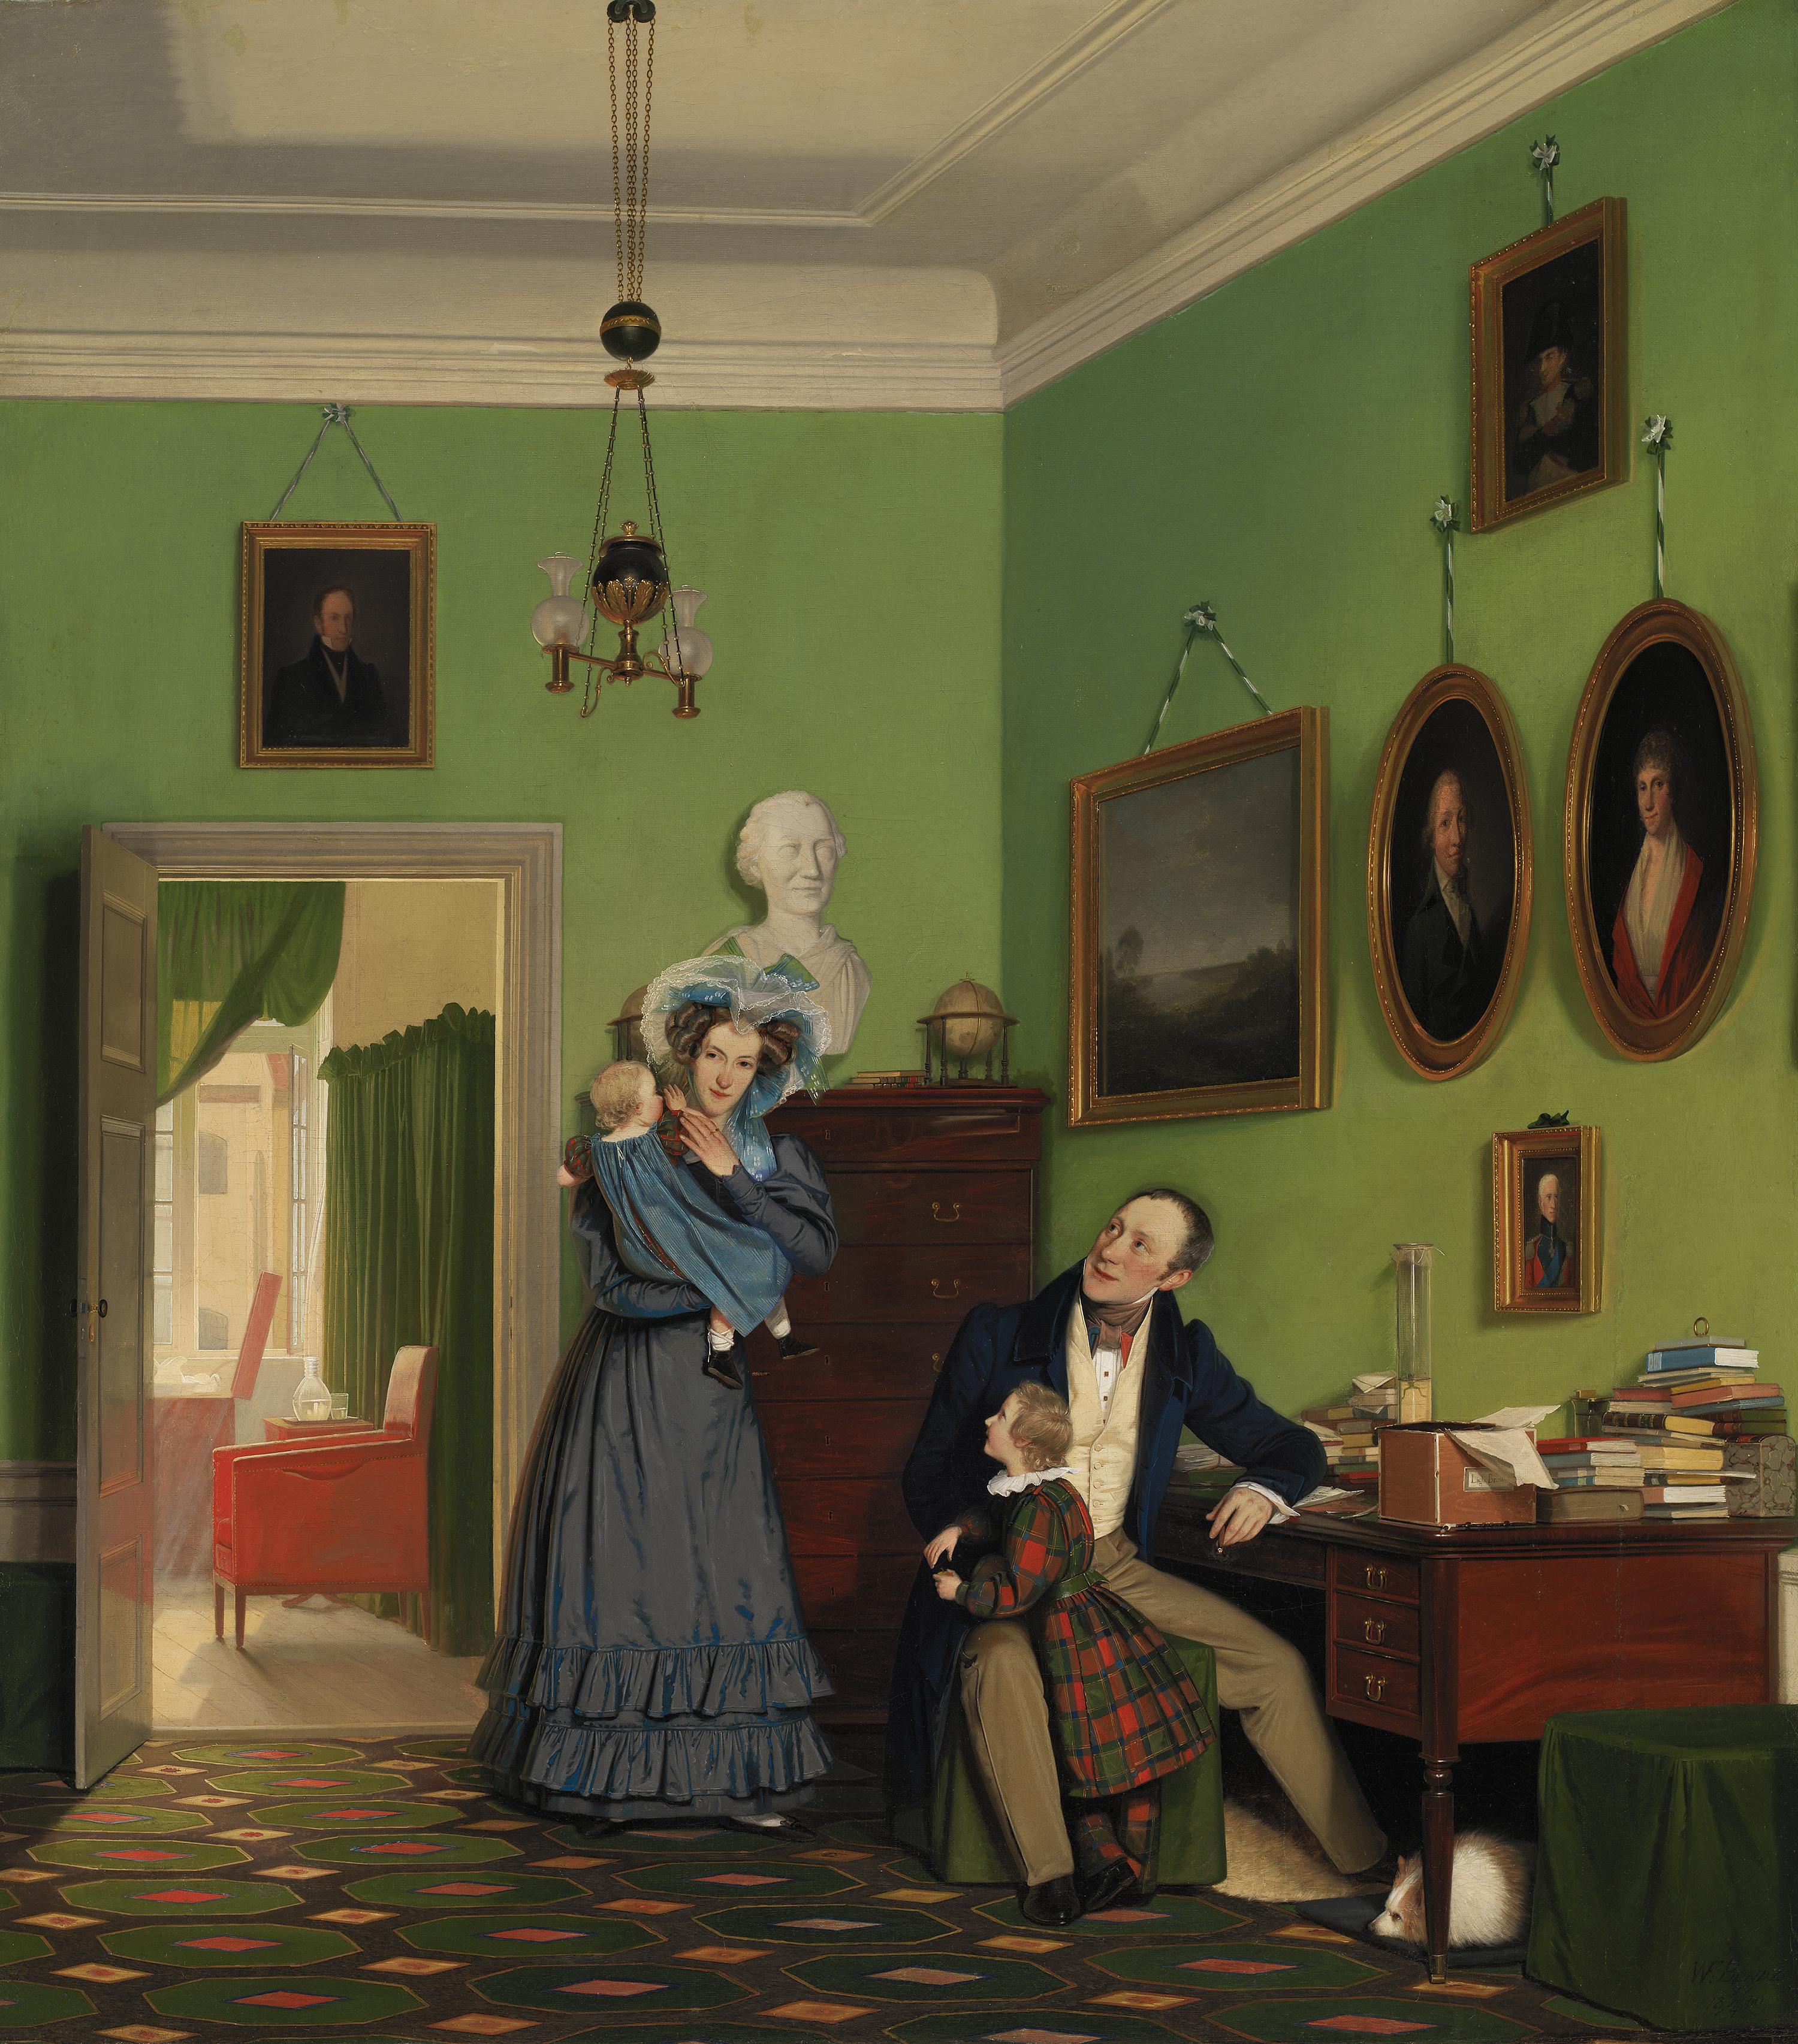 Familien Waagepetersen, 1830 | SMK - Statens Museum for Kunst